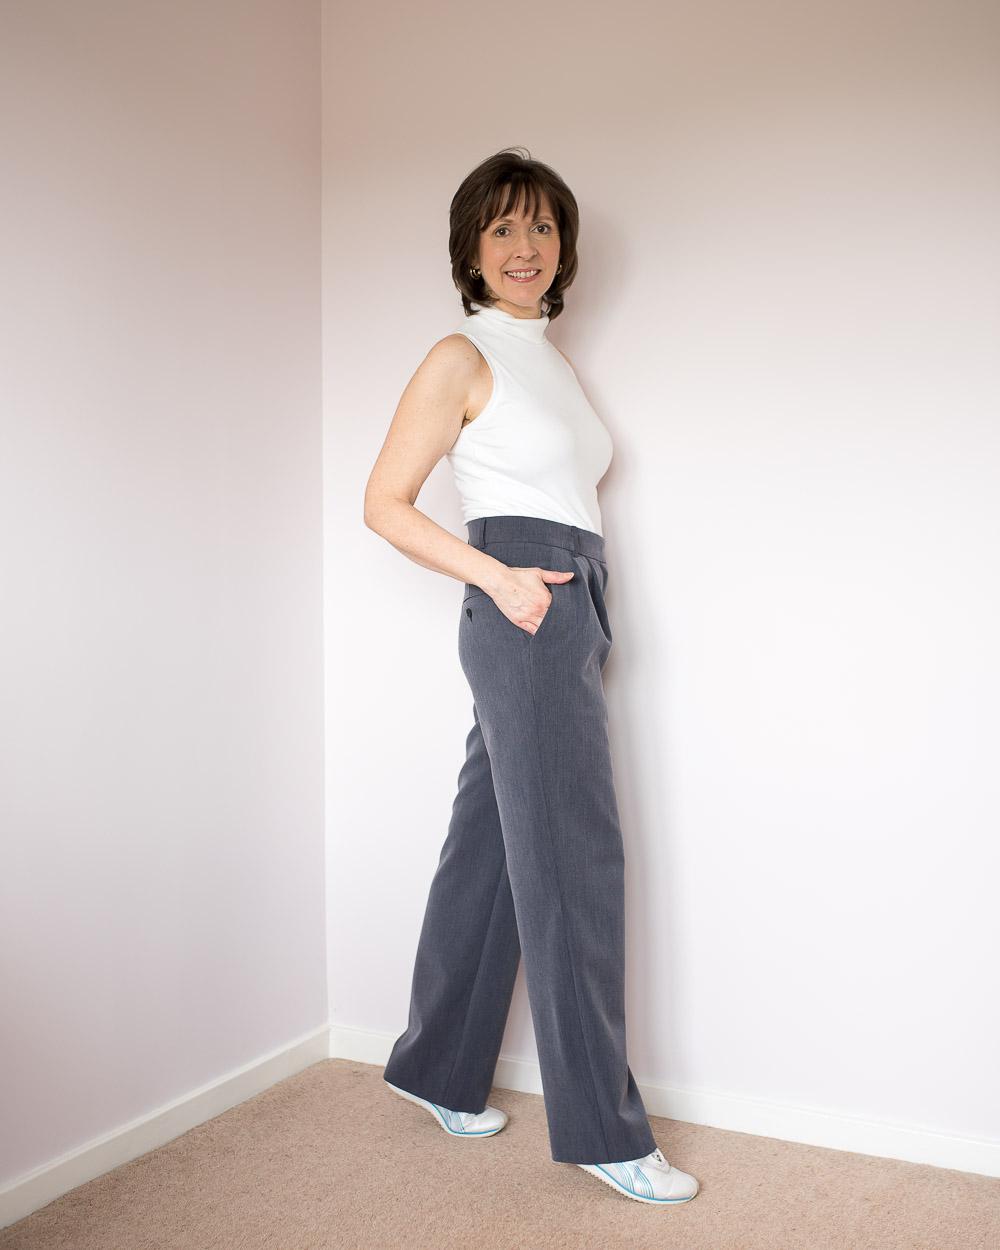 Tatjana Trousers by Just Patterns